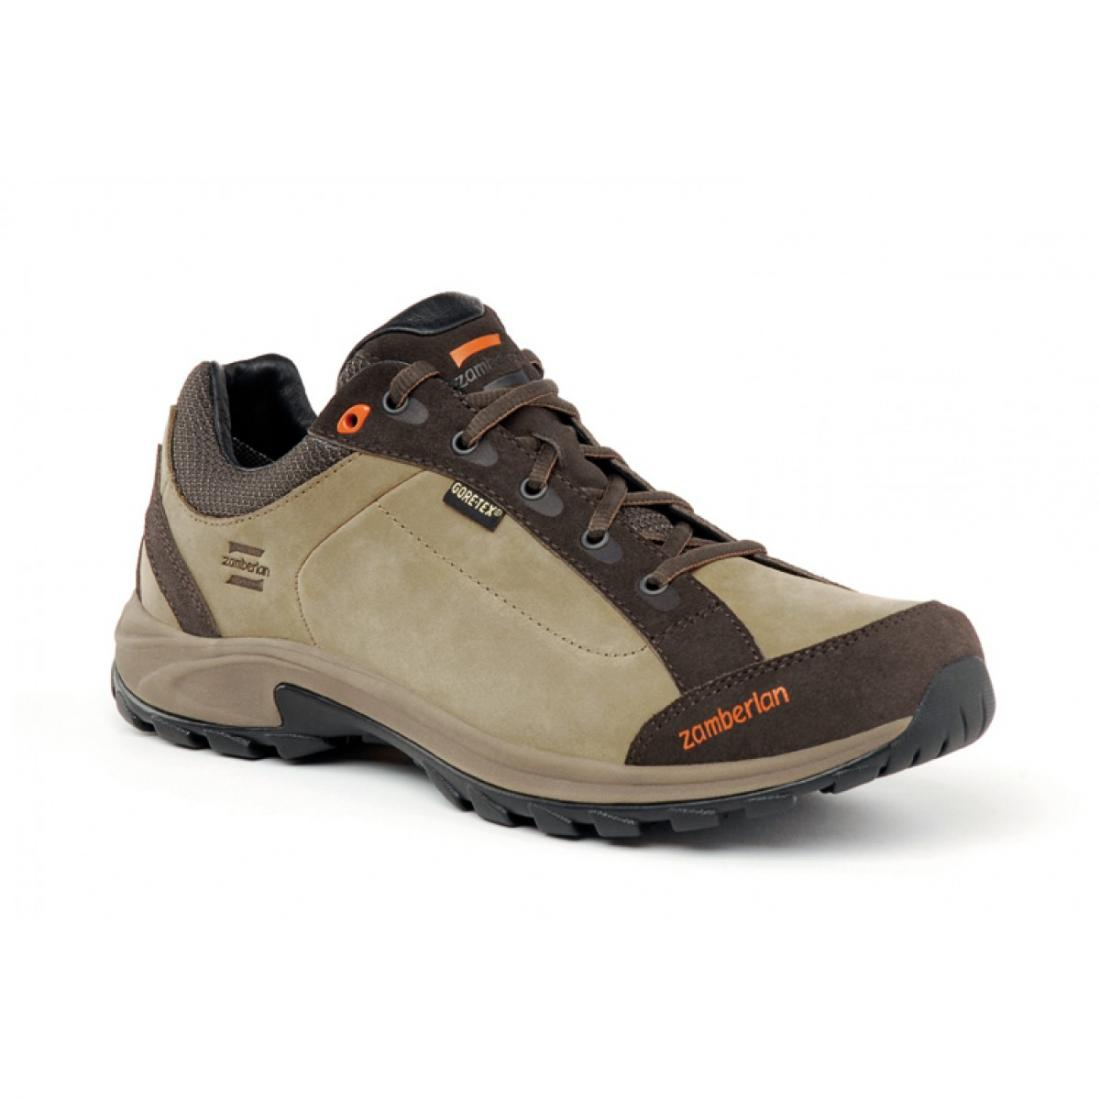 Ботинки 241 VISTA GTXТреккинговые<br><br><br>Цвет: Коричневый<br>Размер: 47